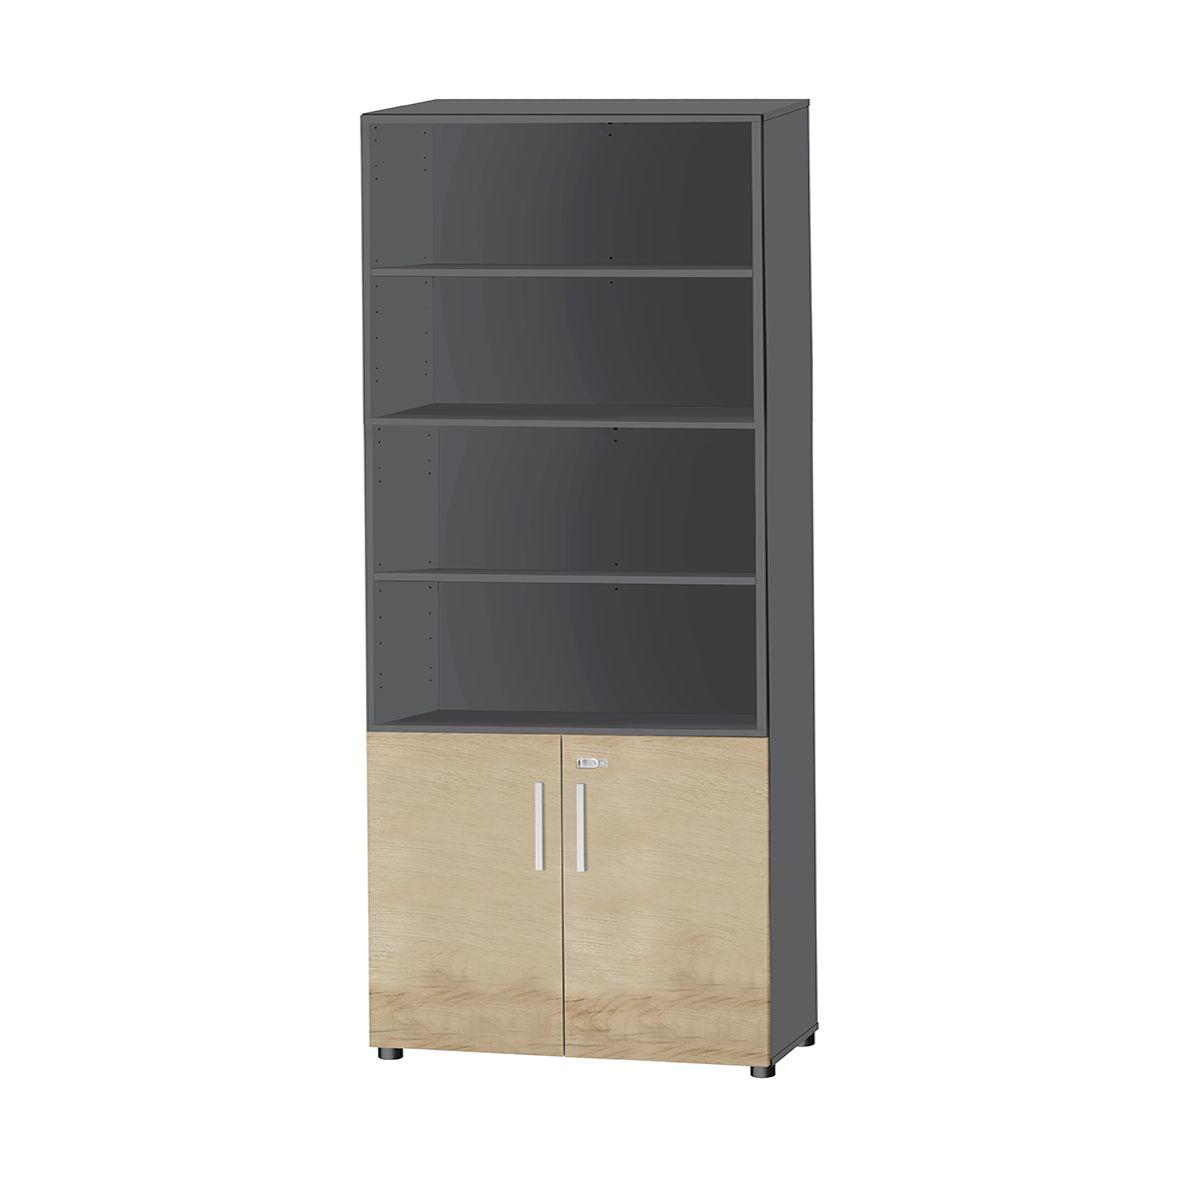 kombischrank set up 6 oh oben 4 oh regalf cher unten 2 oh mit t ren g nstig kaufen sch fer shop. Black Bedroom Furniture Sets. Home Design Ideas